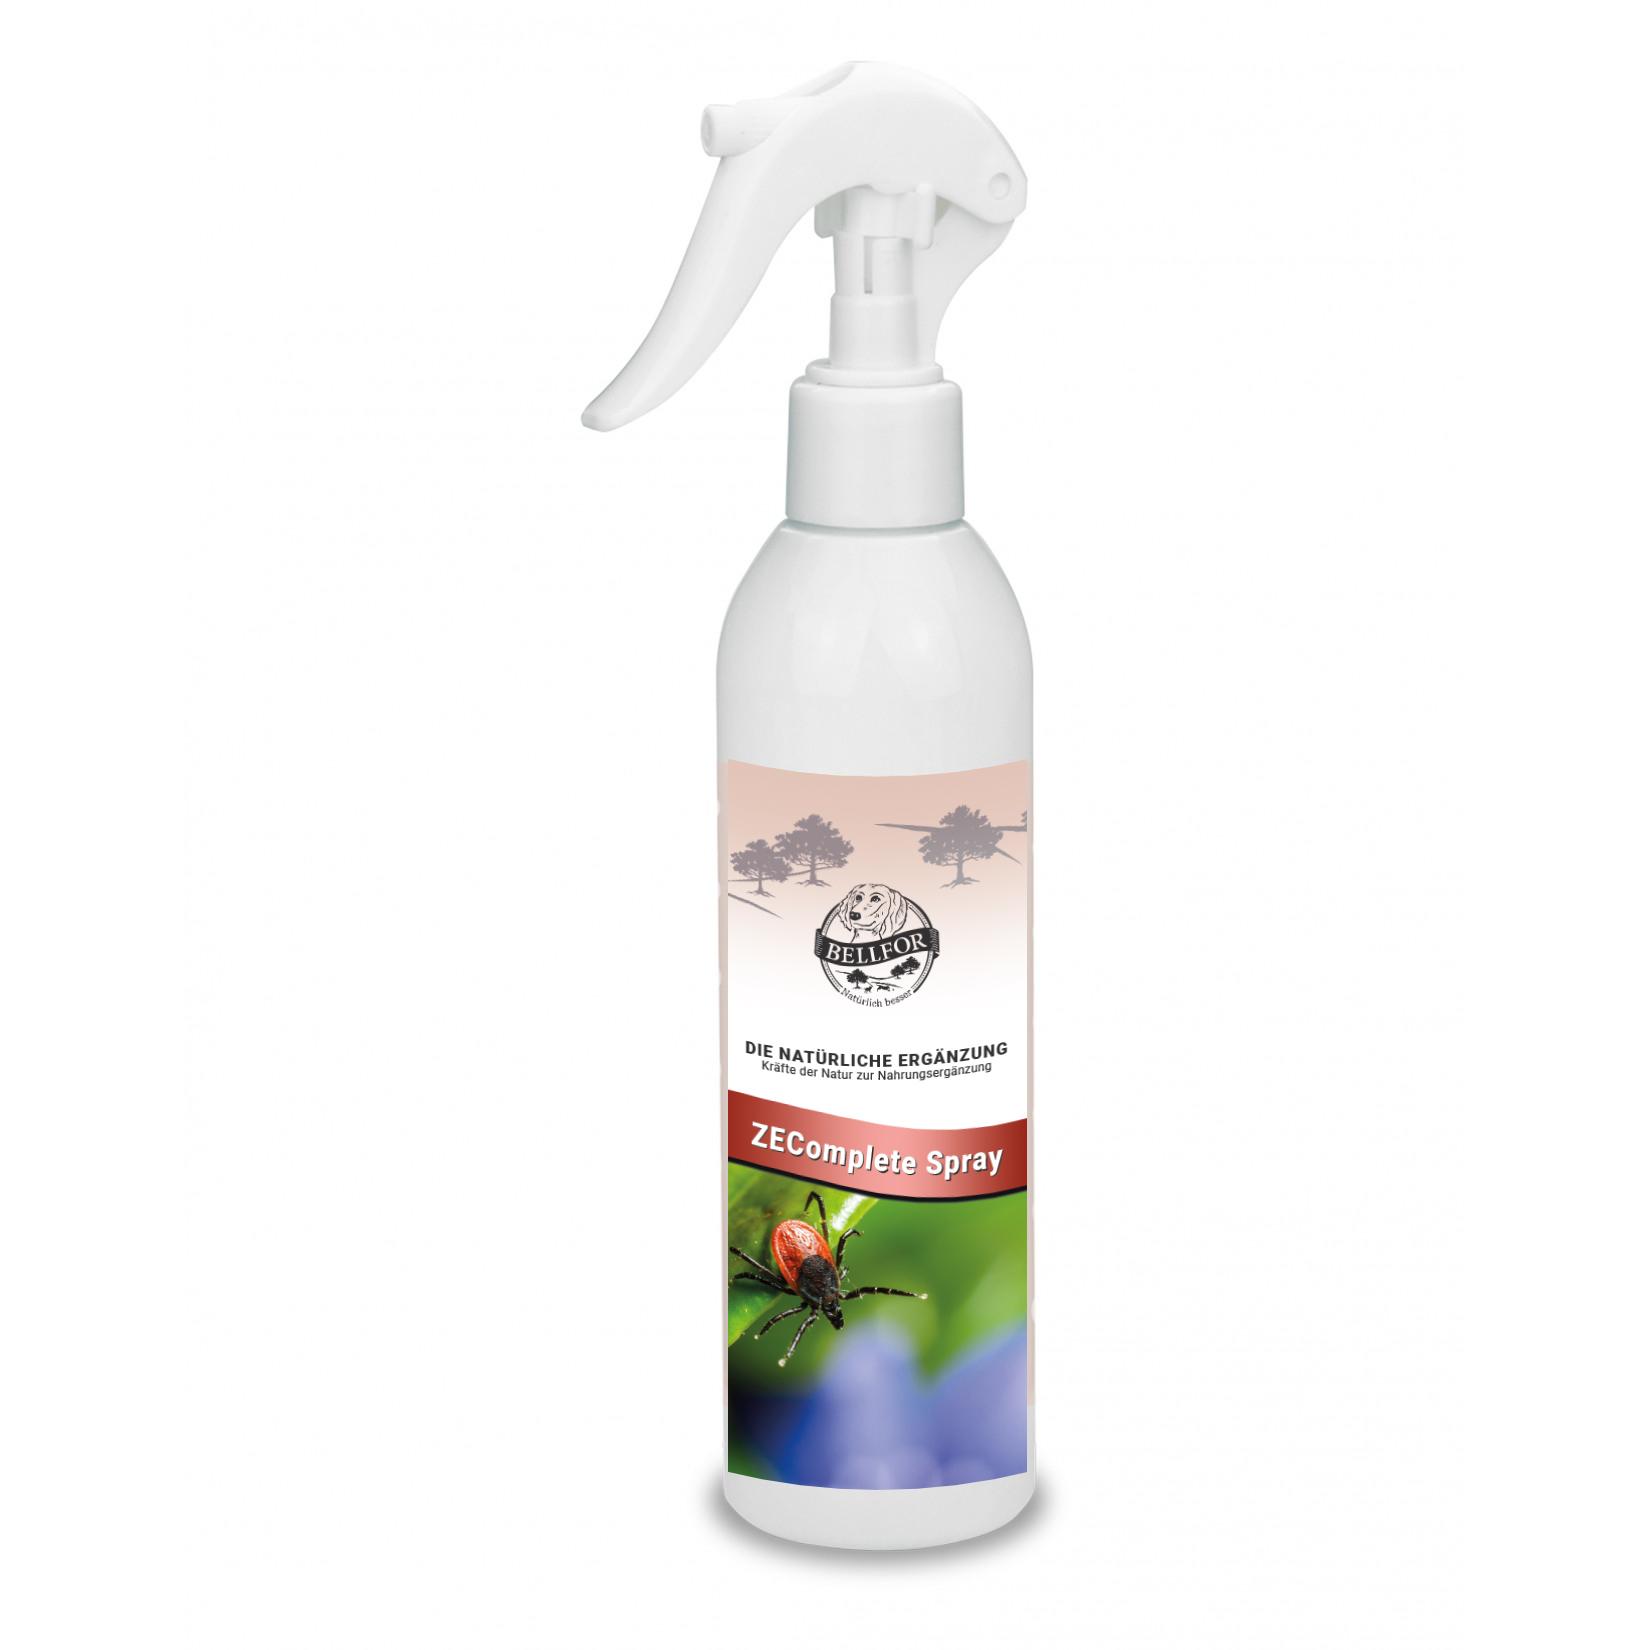 spray repelente natural para cães e gatos